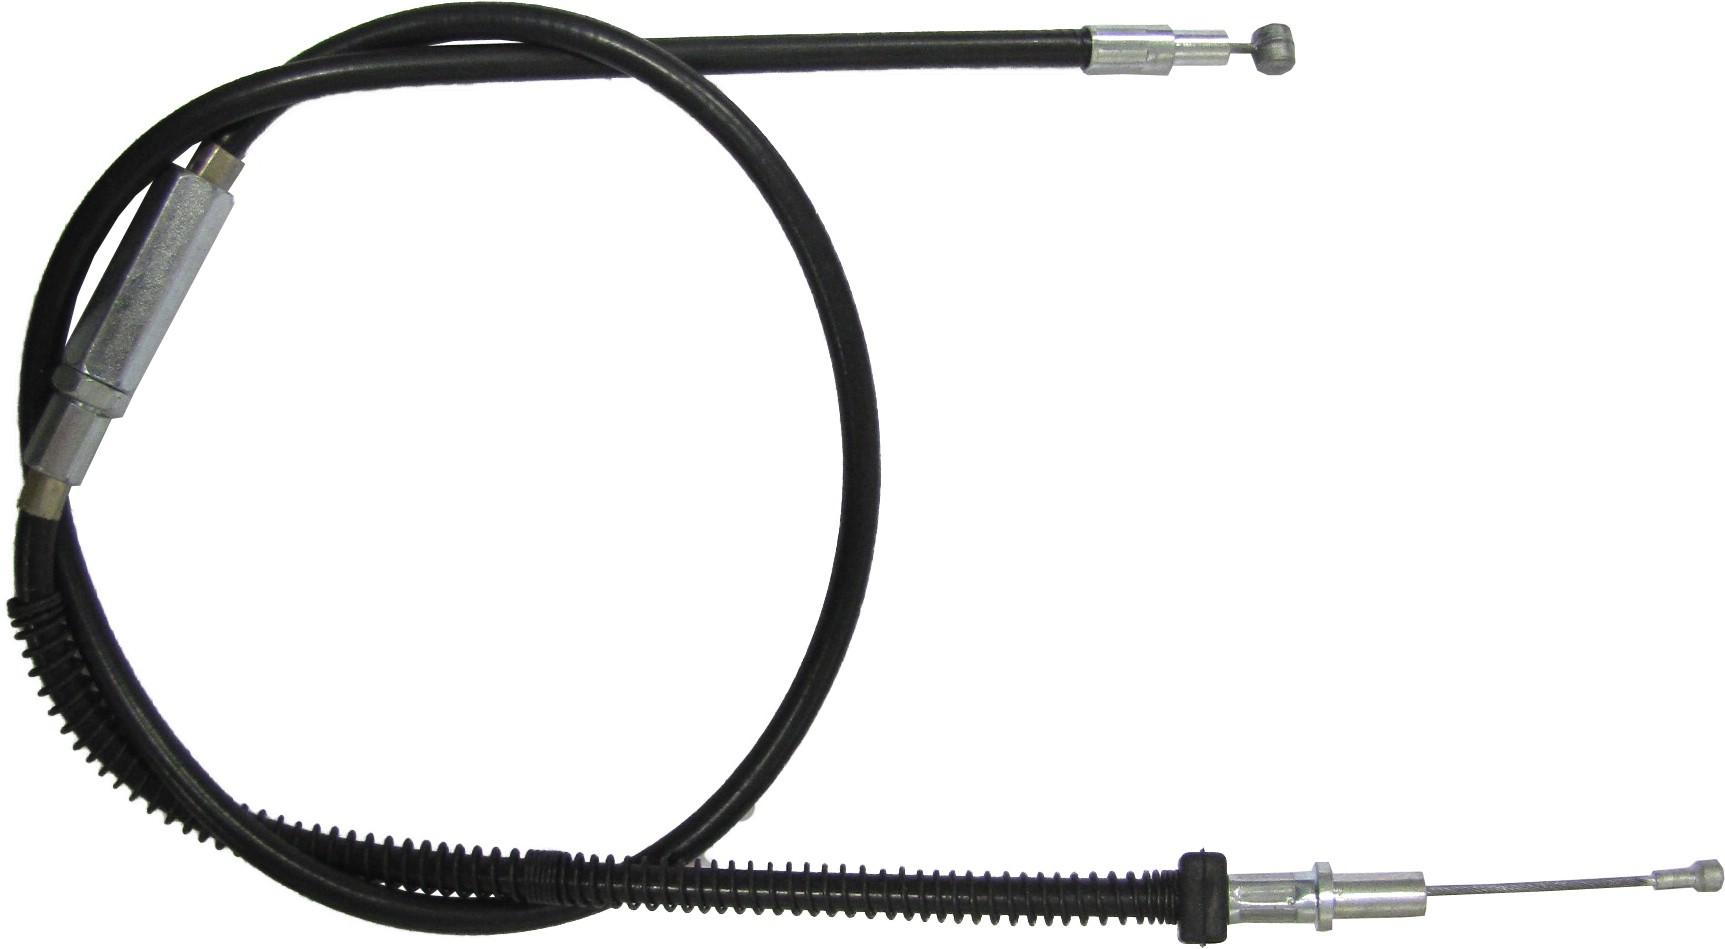 Motion Pro Push Throttle Cable Black for Kawasaki KZ750B LTD Twin 1976-1979